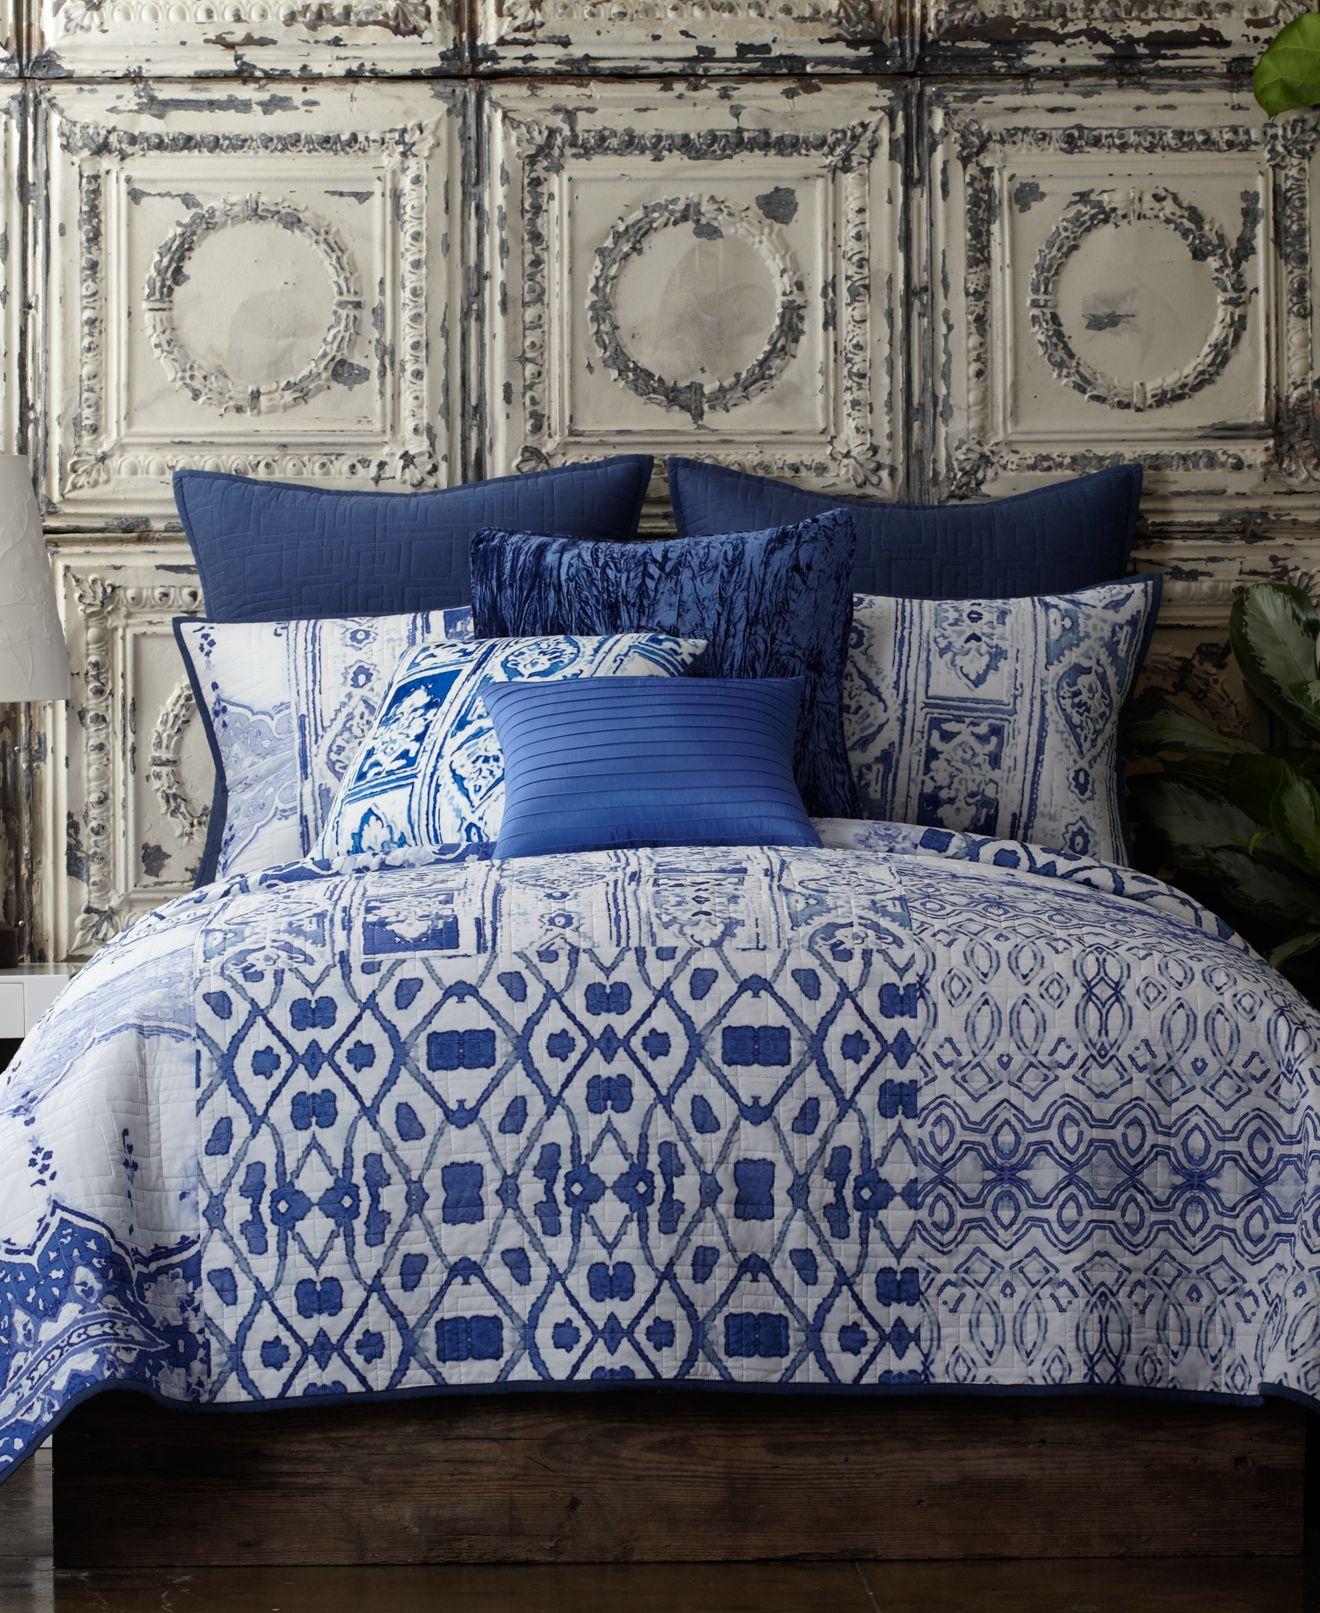 macy's bed comforters - bedding | bed linen